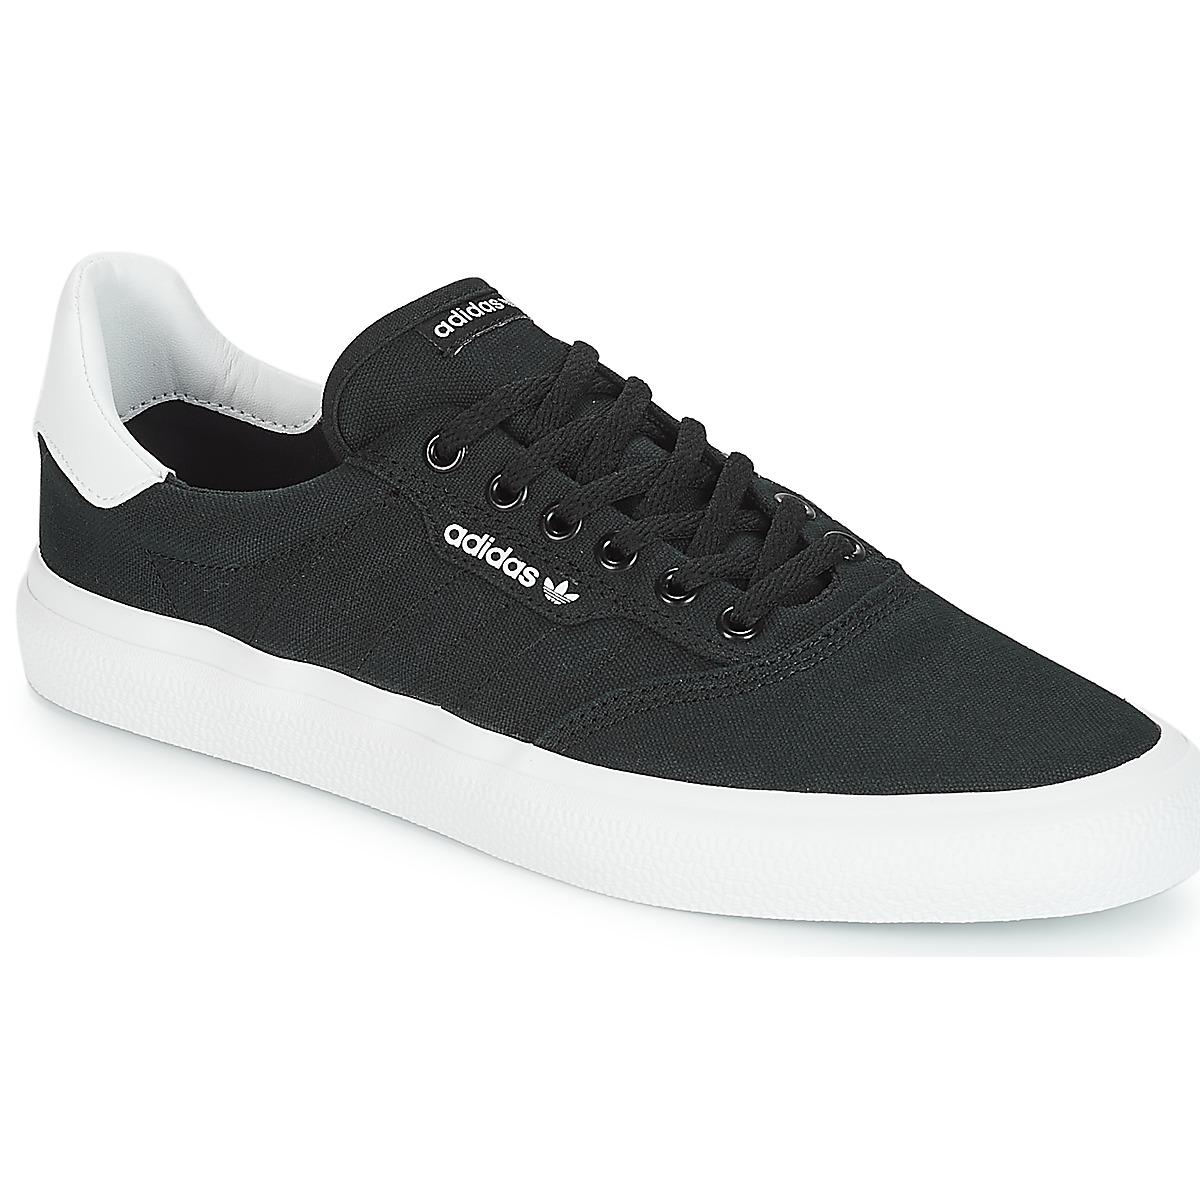 adidas Originals 3MC Schwarz - Kostenloser Versand bei Spartoode ! - Schuhe Sneaker Low  64,95 €